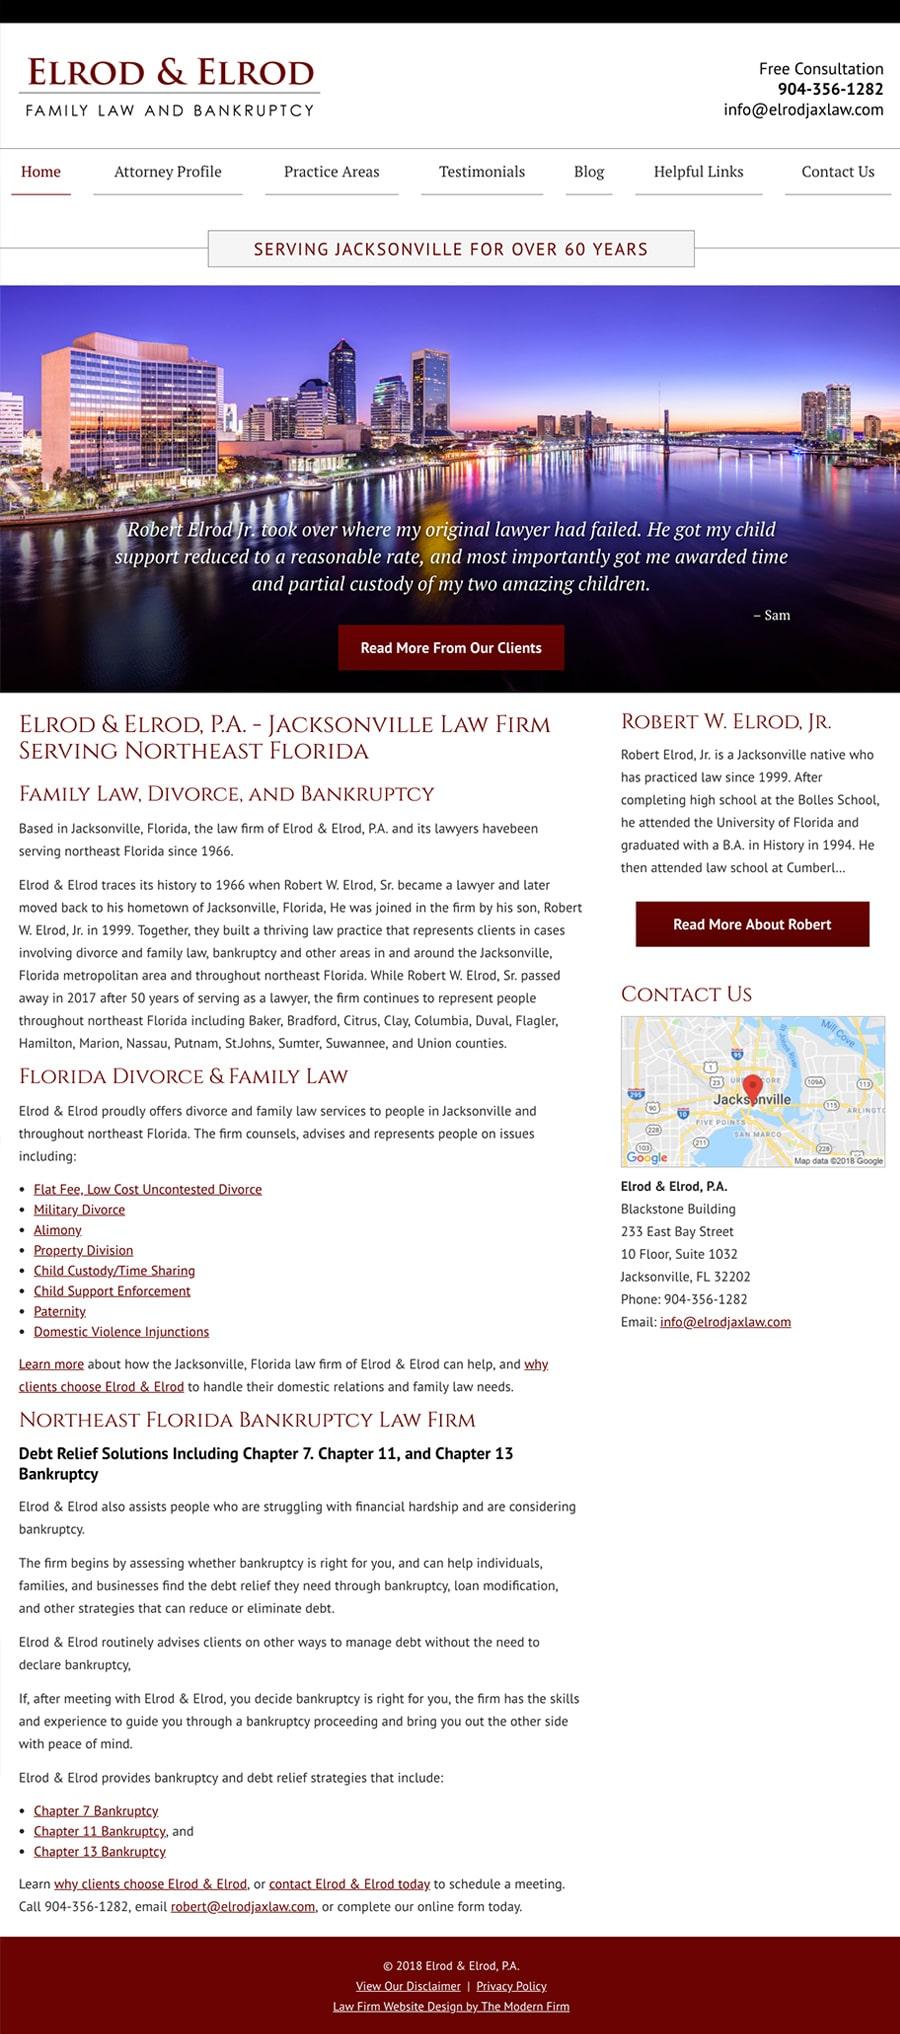 Law Firm Website Design for Elrod & Elrod, P.A.